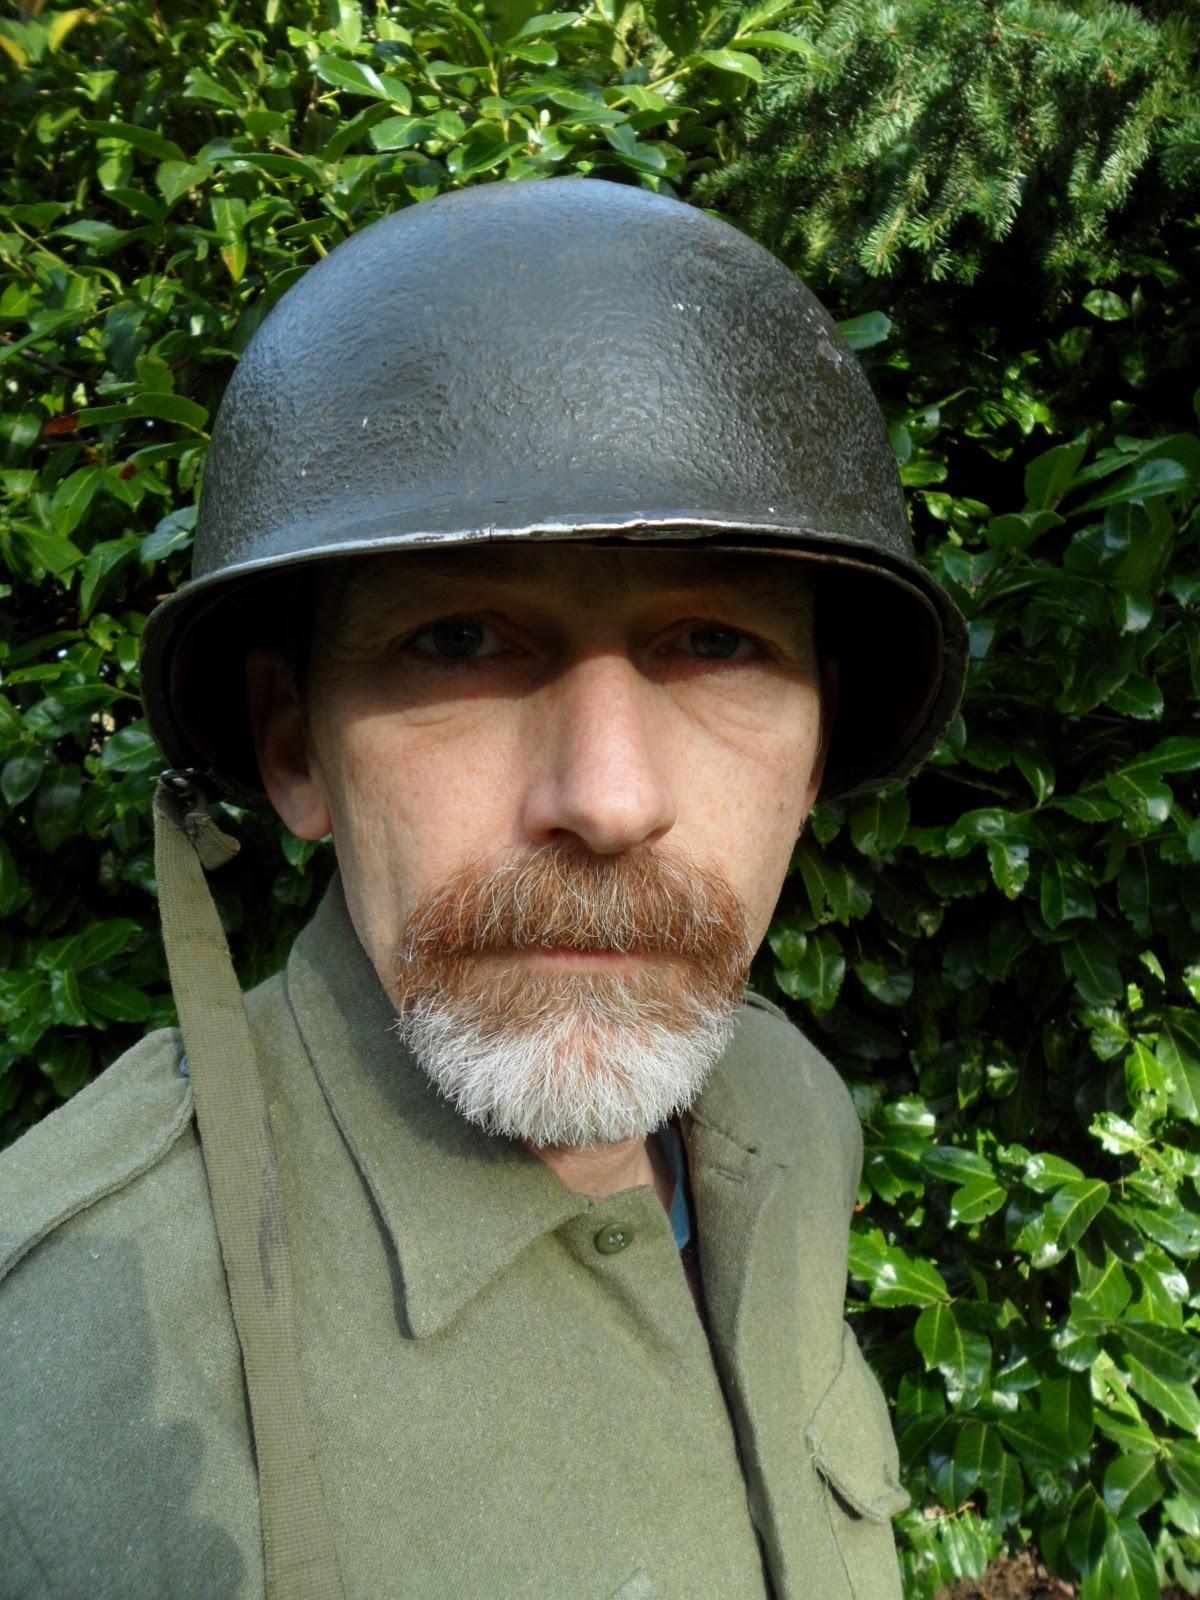 ww2 m1 helmet dating phönix politiker speed dating